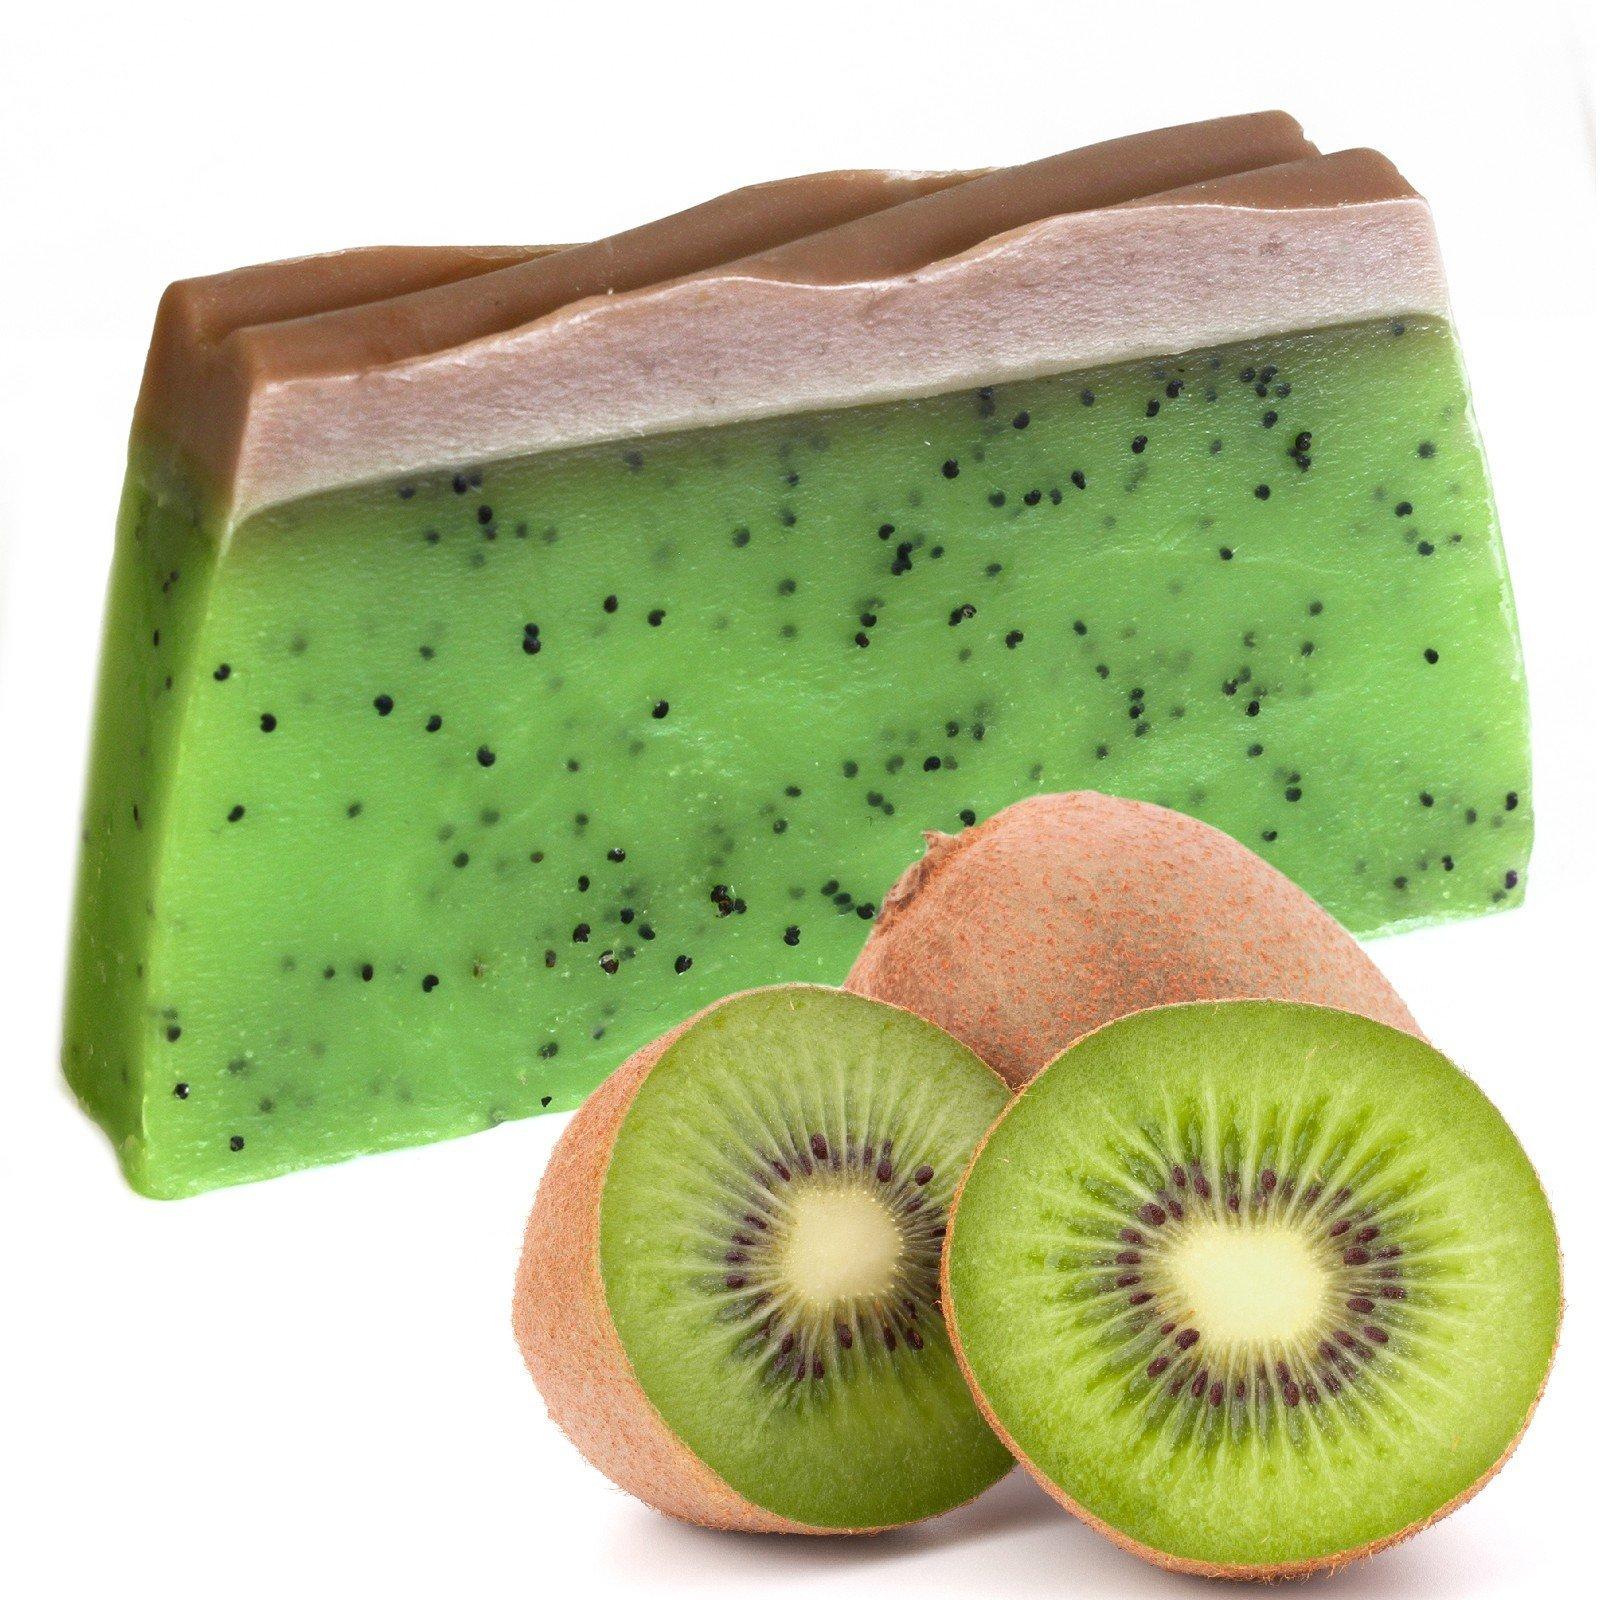 Håndlavet sæbe kiwi